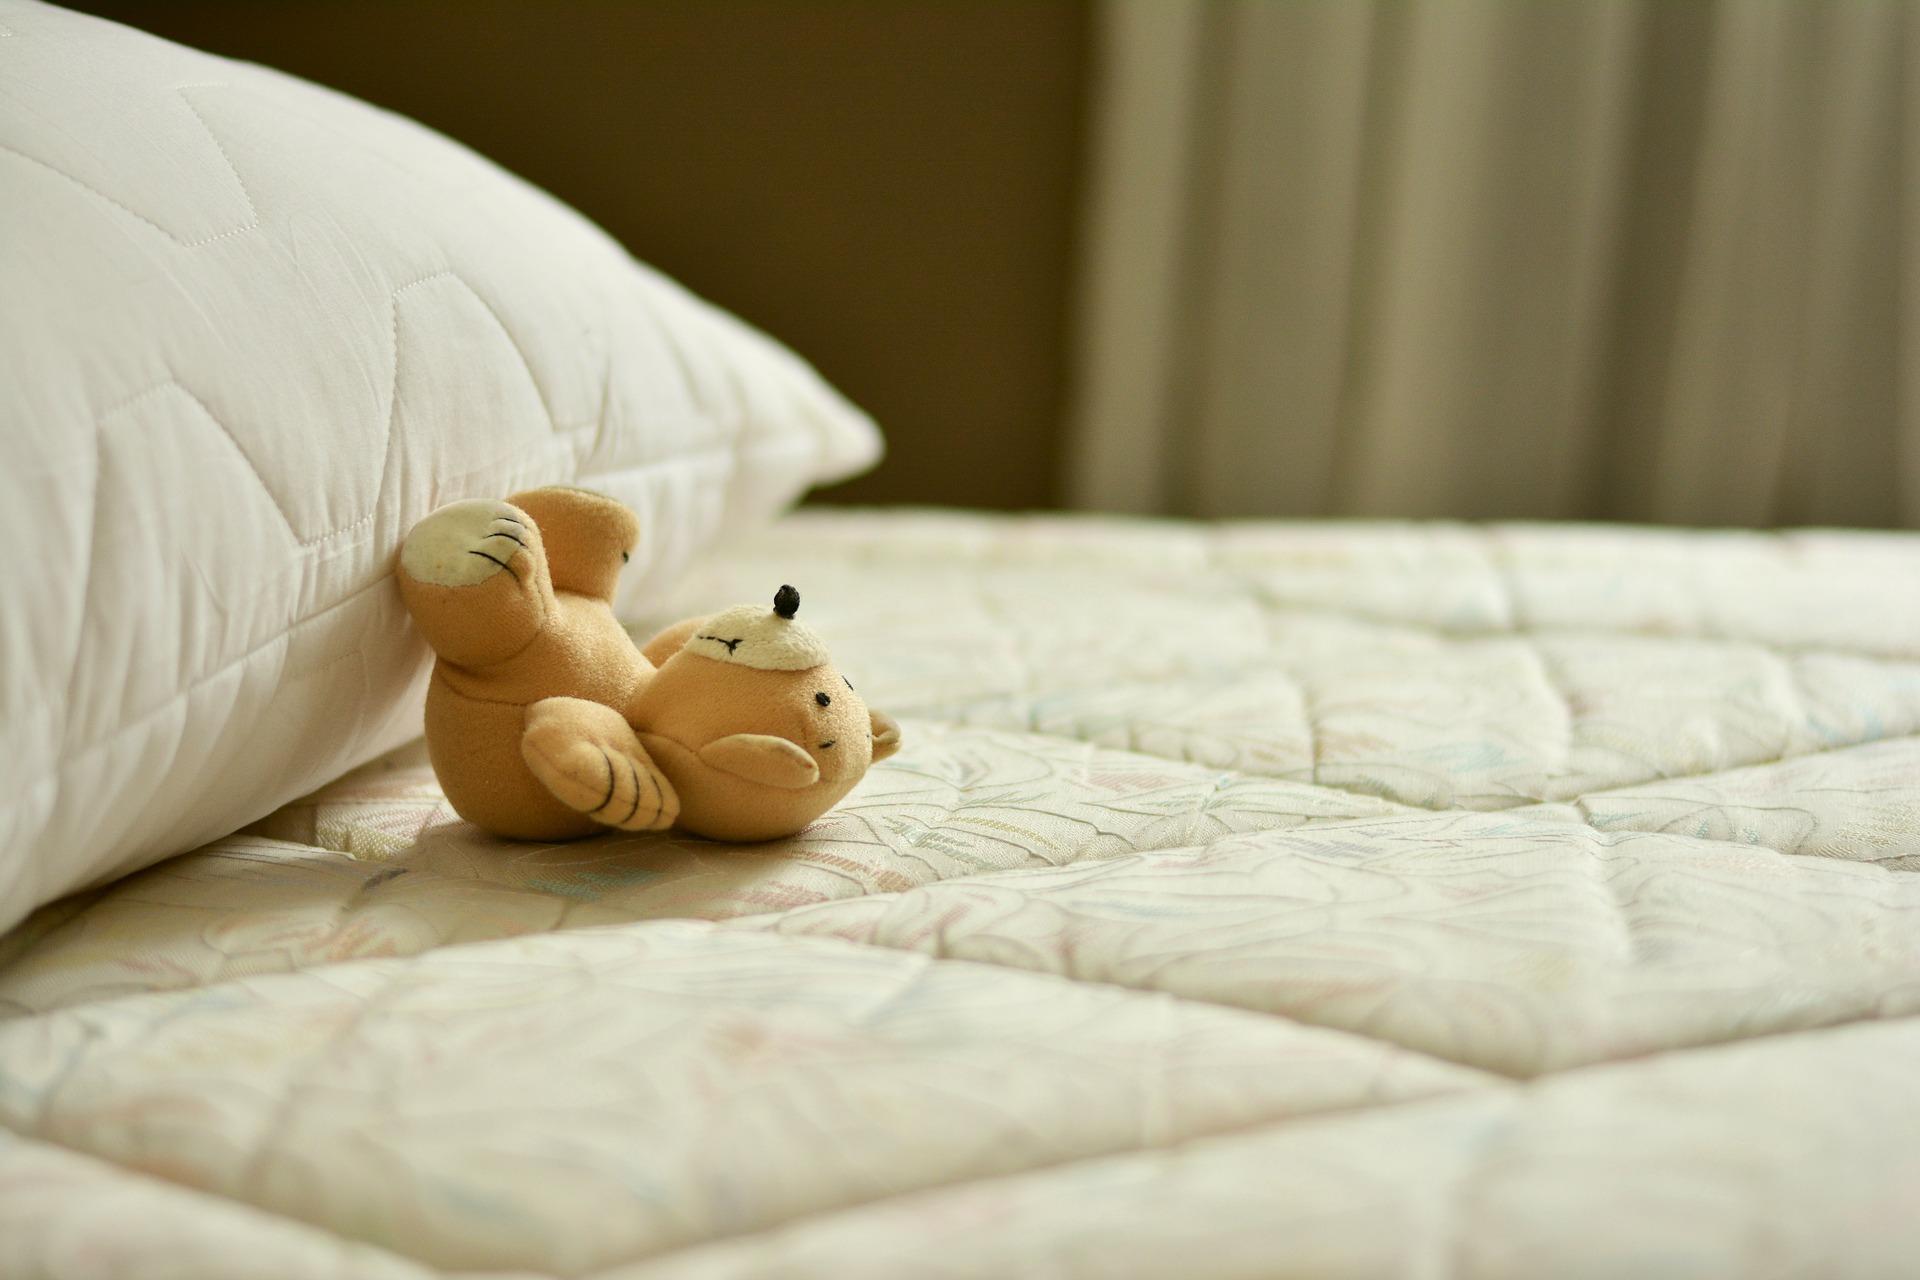 Jak vybrat matraci? Kompletní návod, který vám pomůže s výběrem.